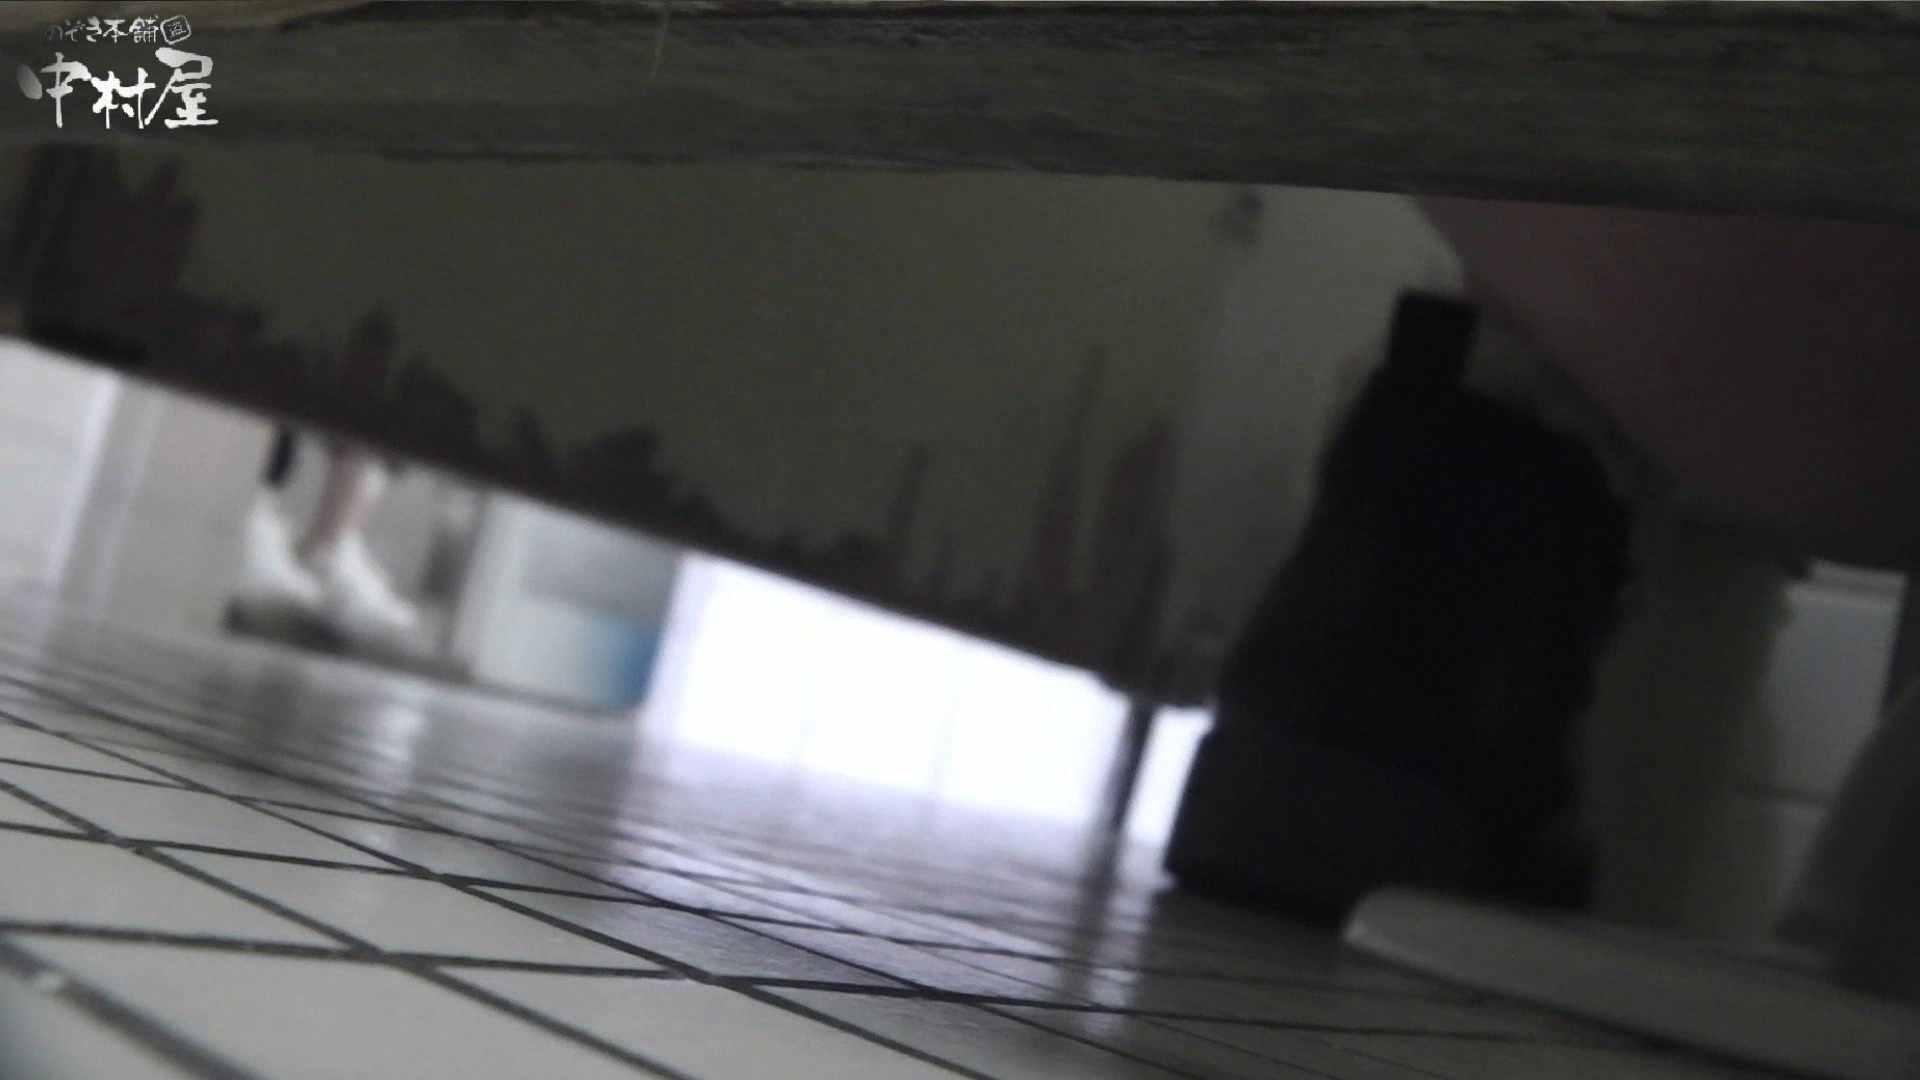 vol.30 命がけ潜伏洗面所! イボさん OLのプライベート ヌード画像 11pic 6